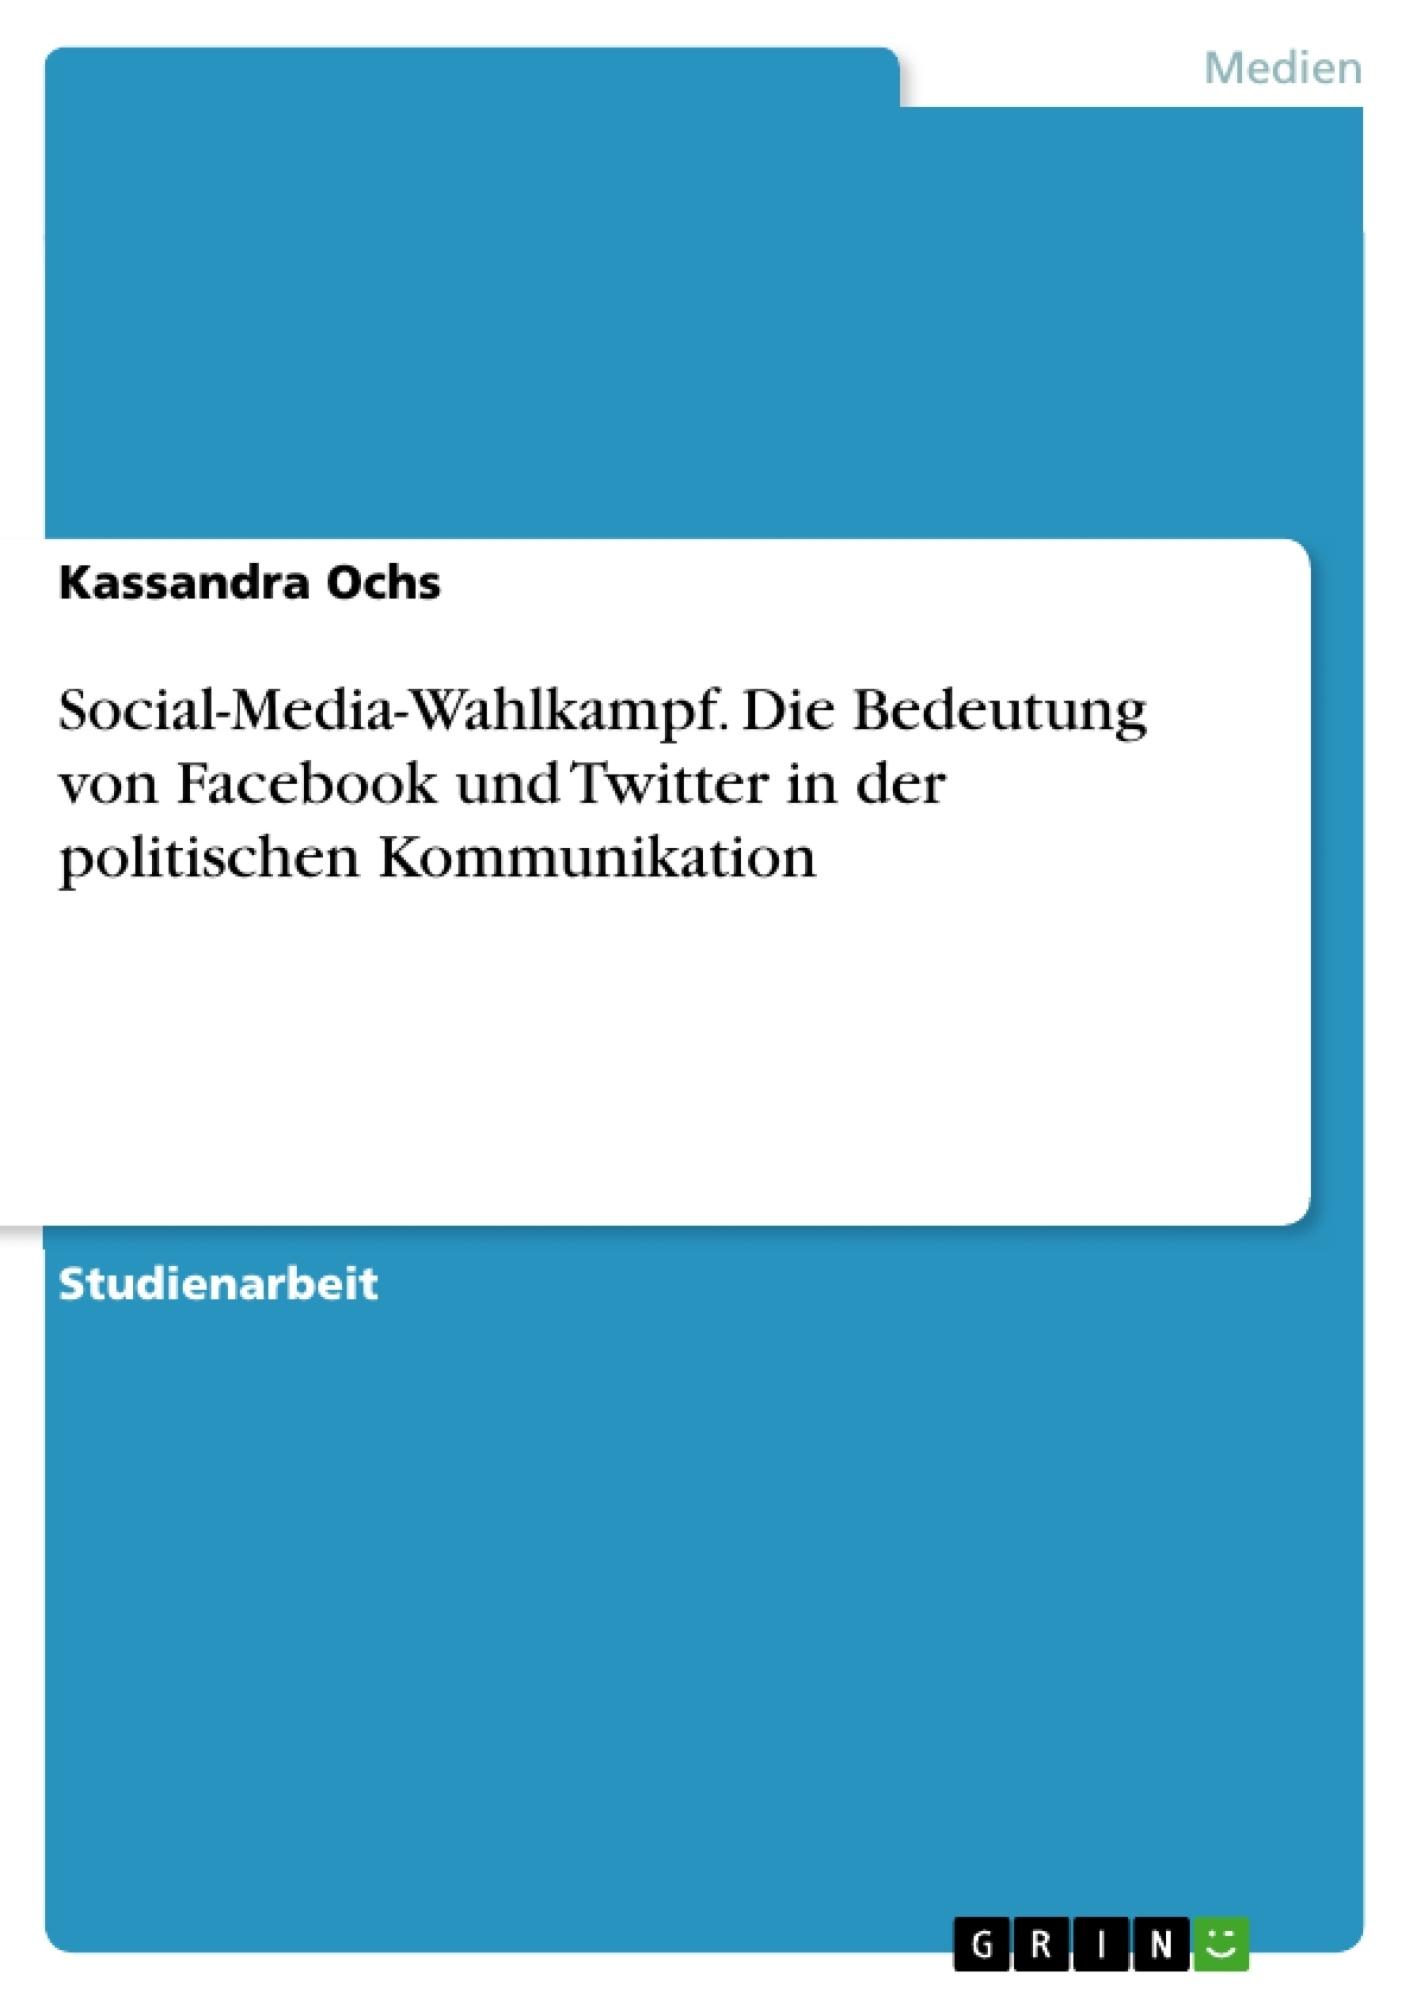 Titel: Social-Media-Wahlkampf. Die Bedeutung von Facebook und Twitter in der politischen Kommunikation